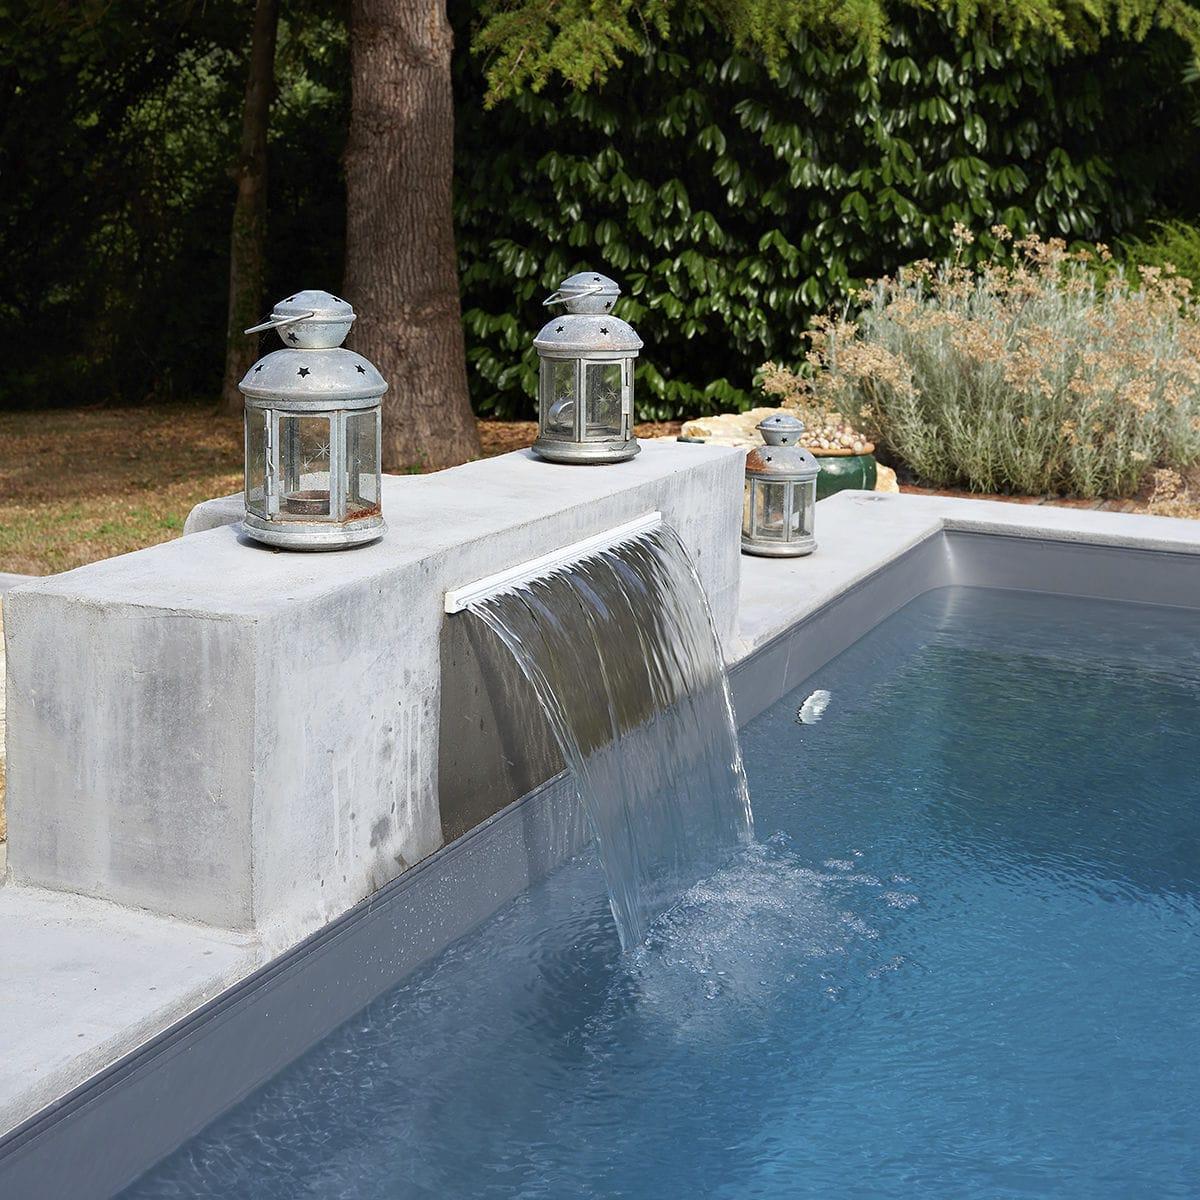 Cascade Pour Piscine - Lame D'eau Poitiers - Piscines Carre Bleu serapportantà Cascade Pour Piscine